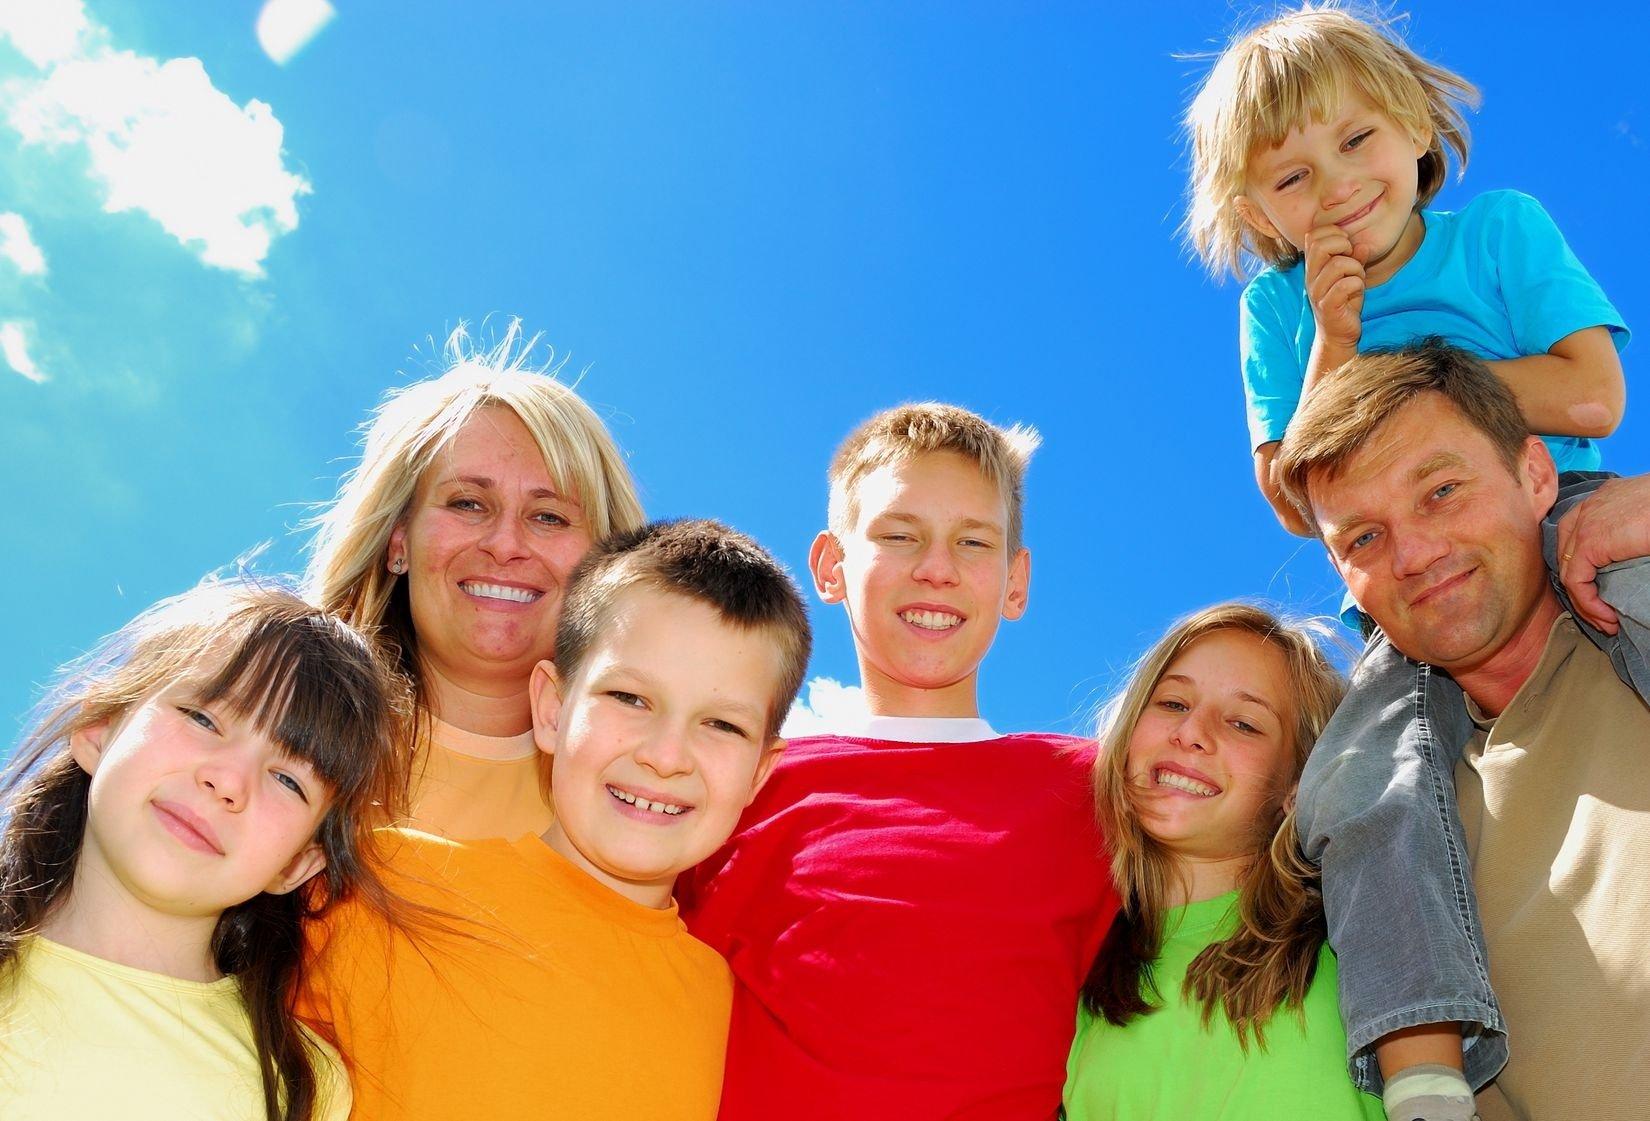 Фото реальных людей с детьми